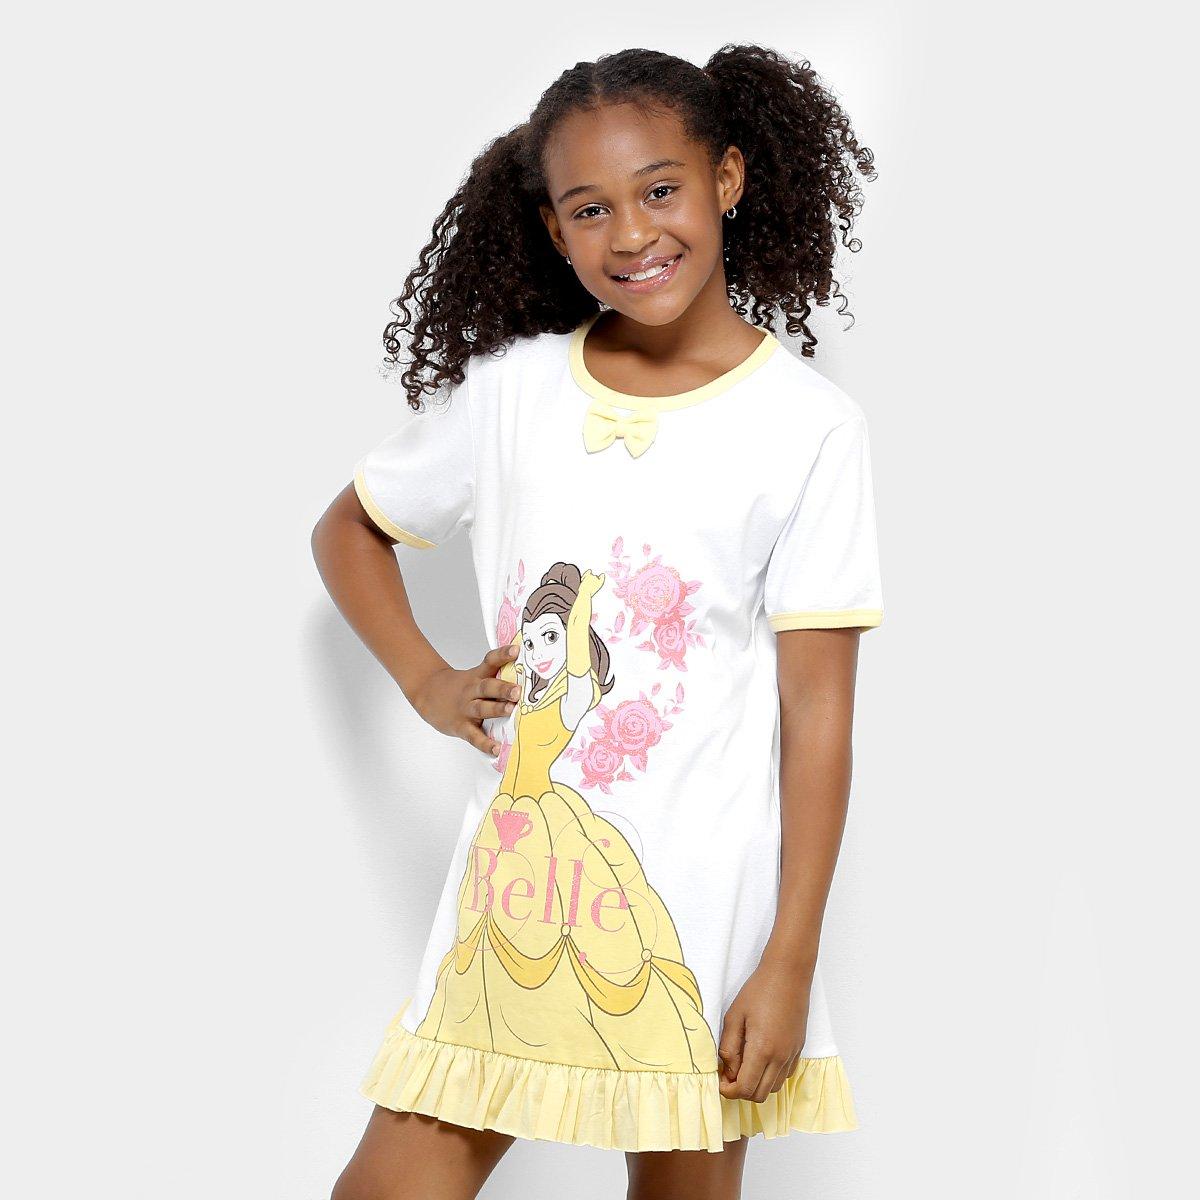 Feminina e Bela Branco Camisola Princesas Camisola Infantil Amarelo Lupo Infantil 8wgAnOxqY